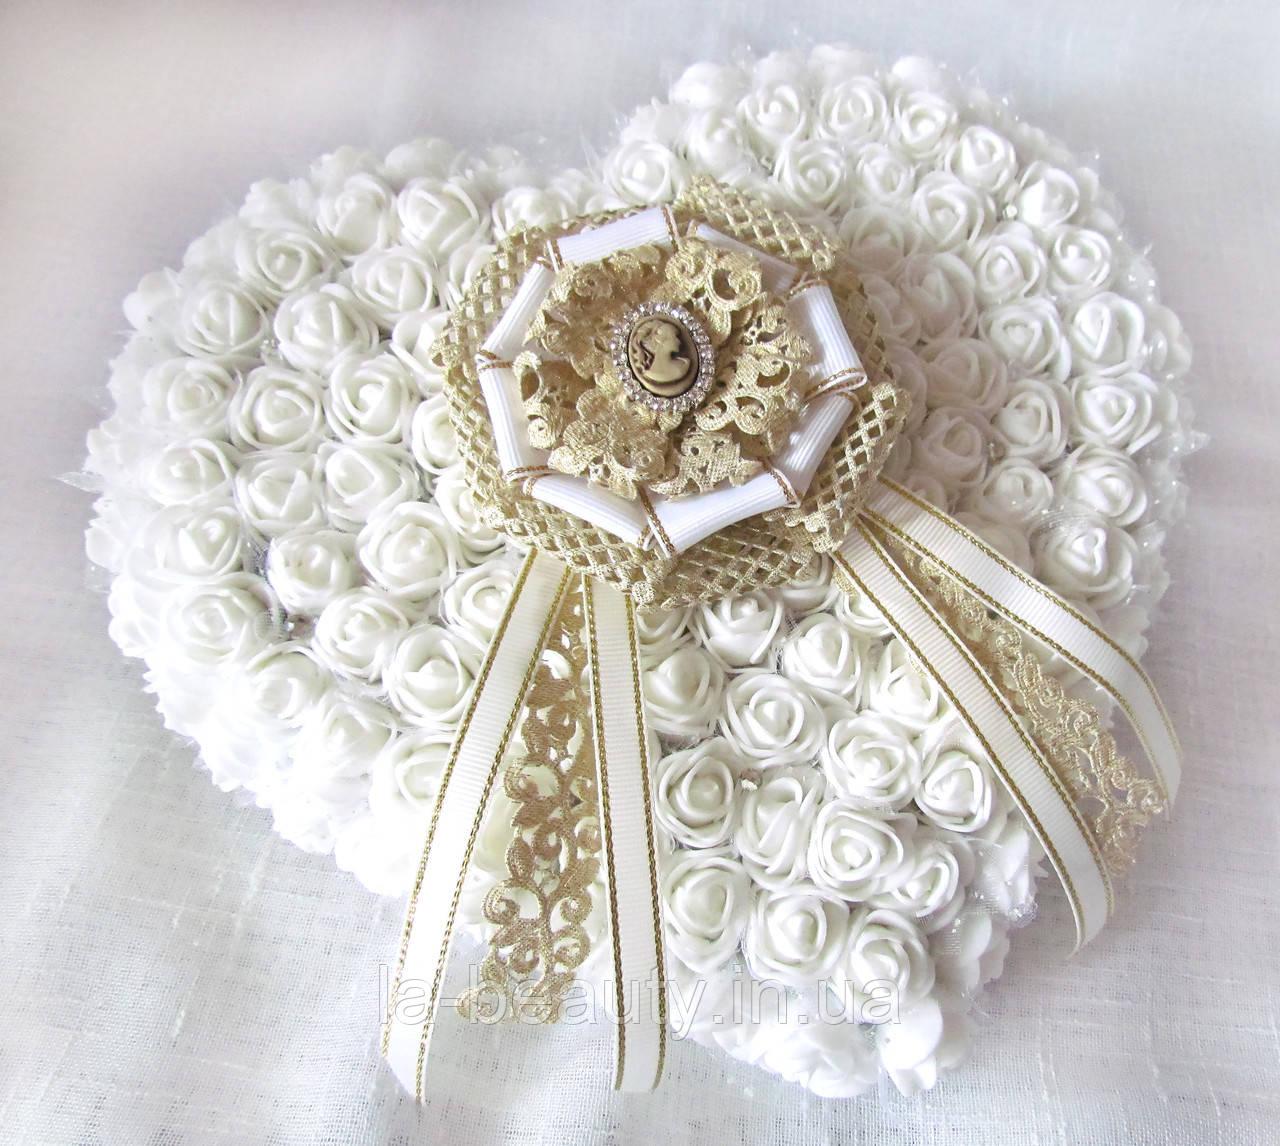 Большая свадебная подушечка для обручальных колец из роз белая винтаж LA BEAUTY Studio